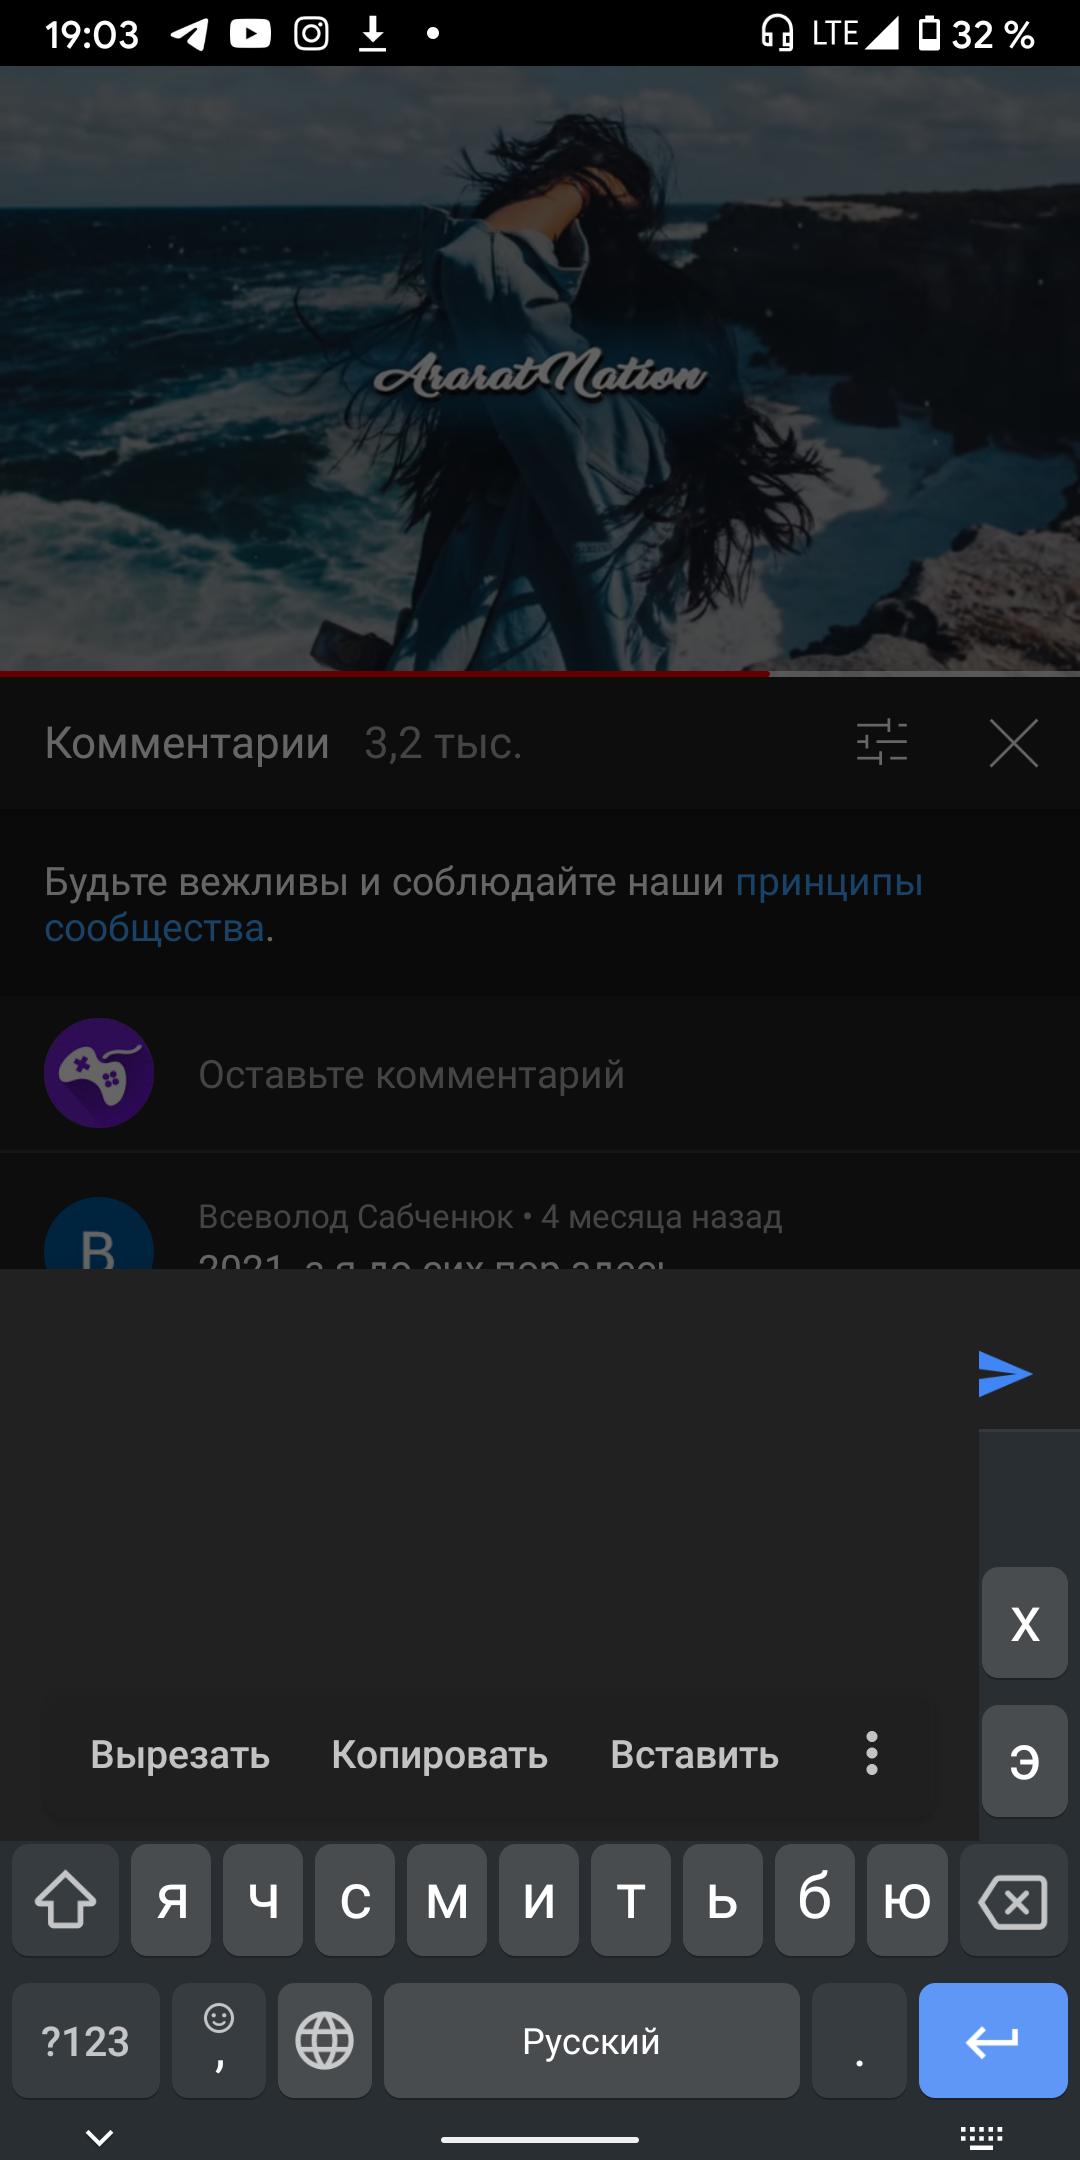 Screenshot_20210605-190312_YouTube.png